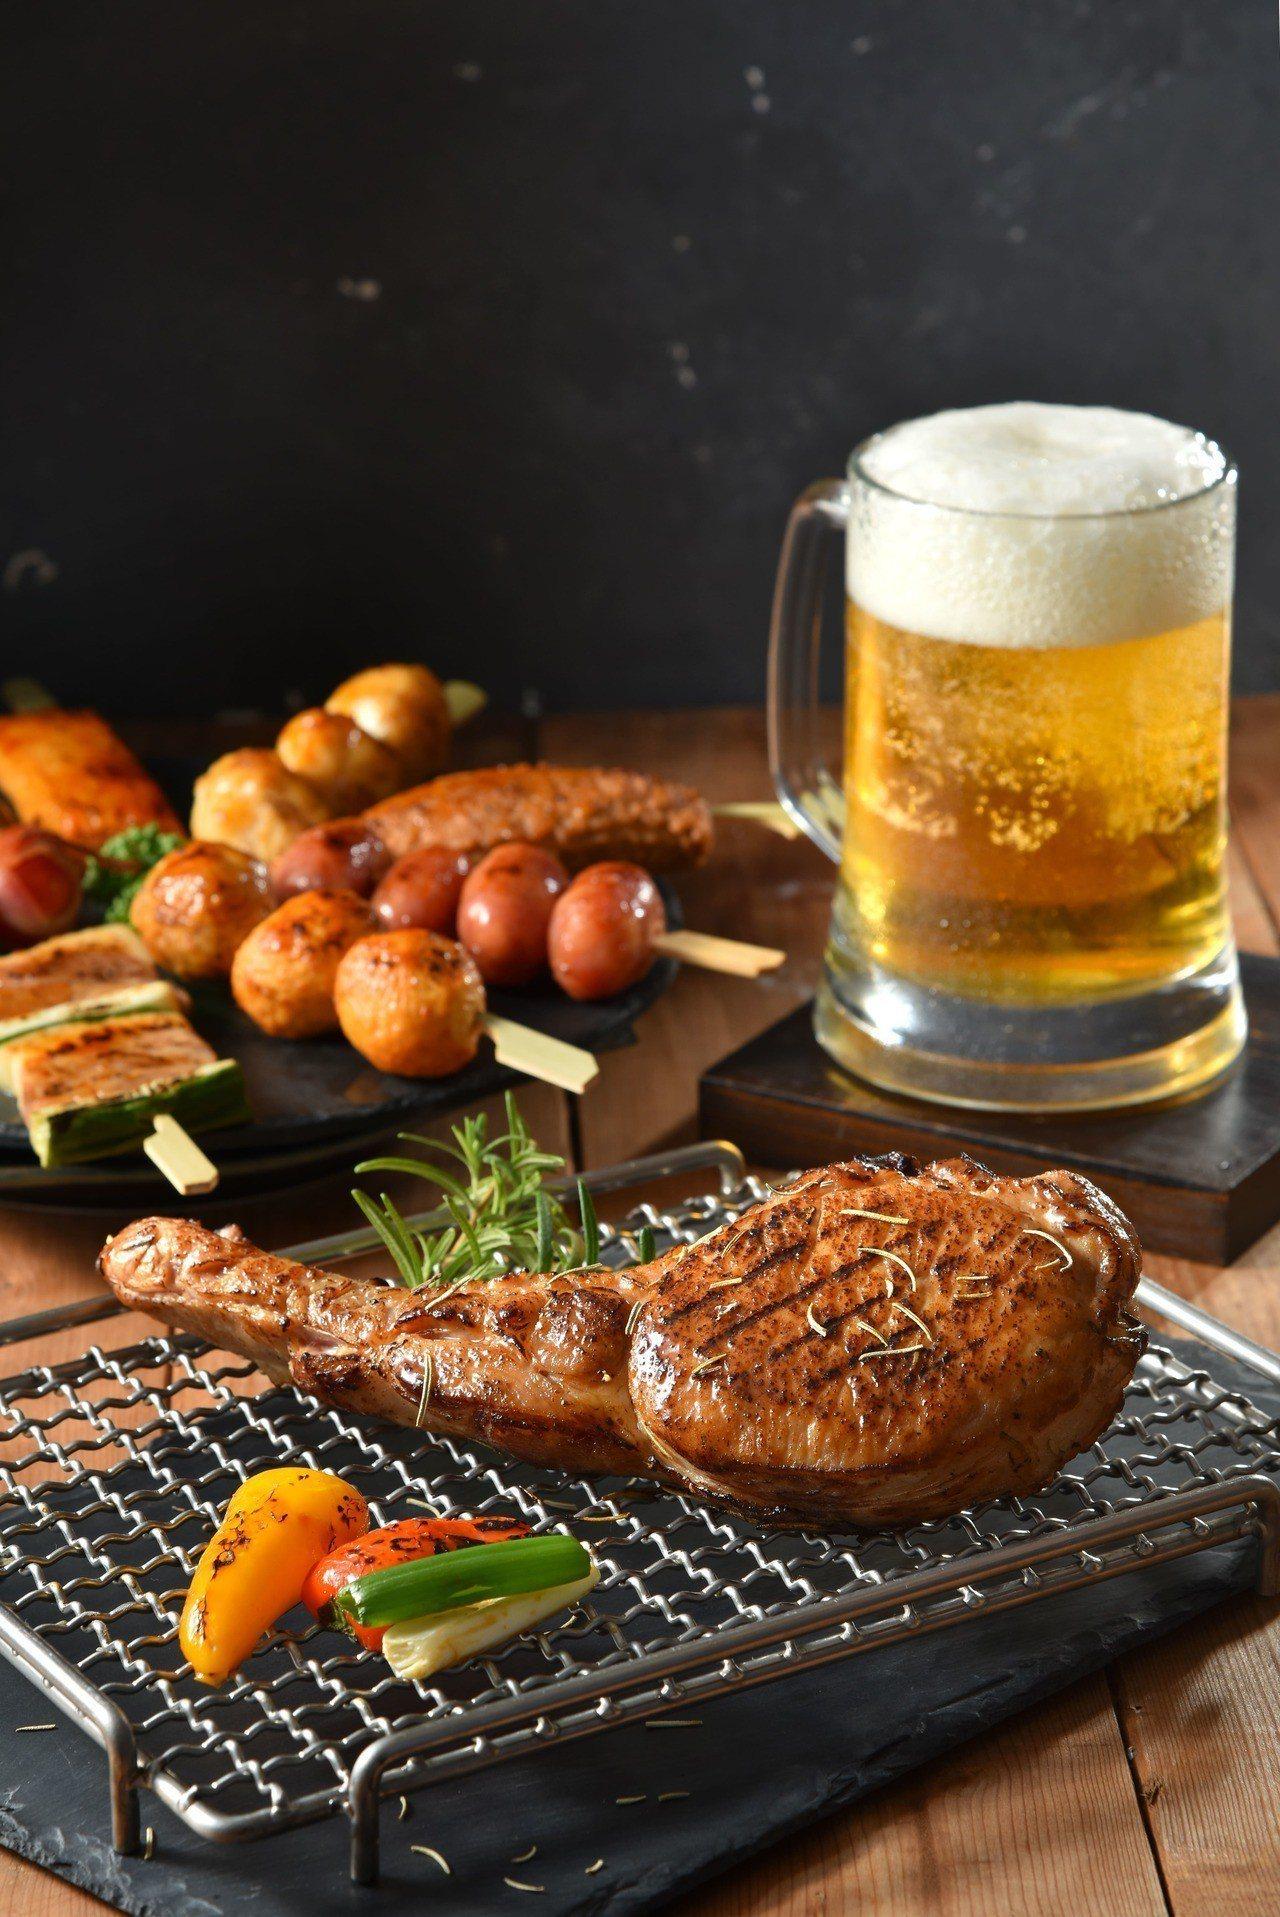 除了馬告香腸外,還有戰斧豬排可選擇,滿足愛大口吃肉的饕客。圖/黑橋牌提供